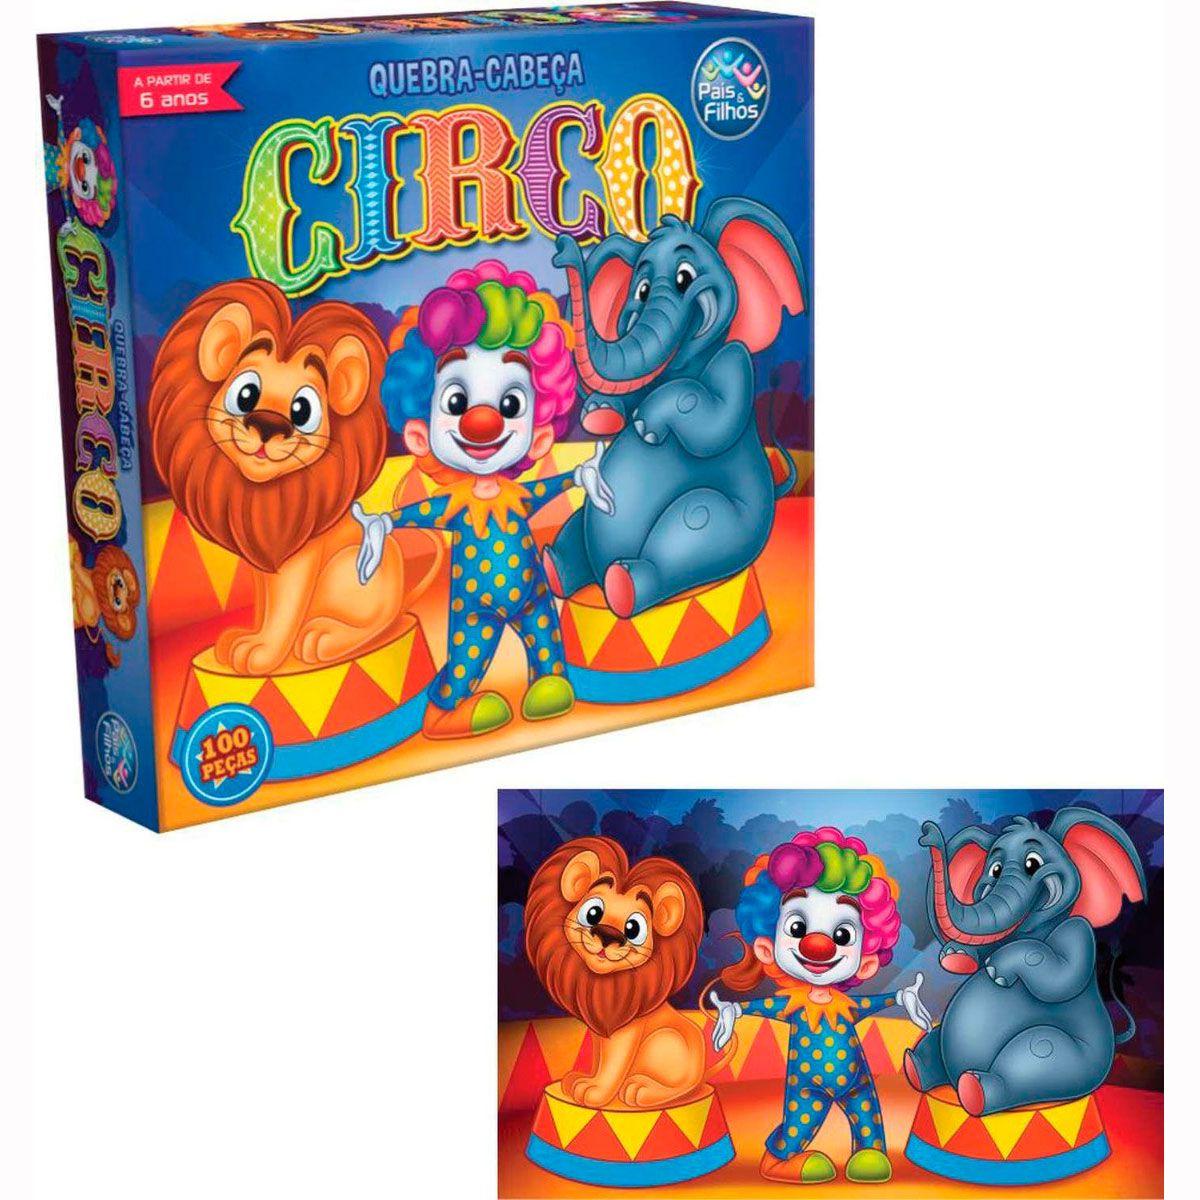 Quebra Cabeça Circo 100 Peças